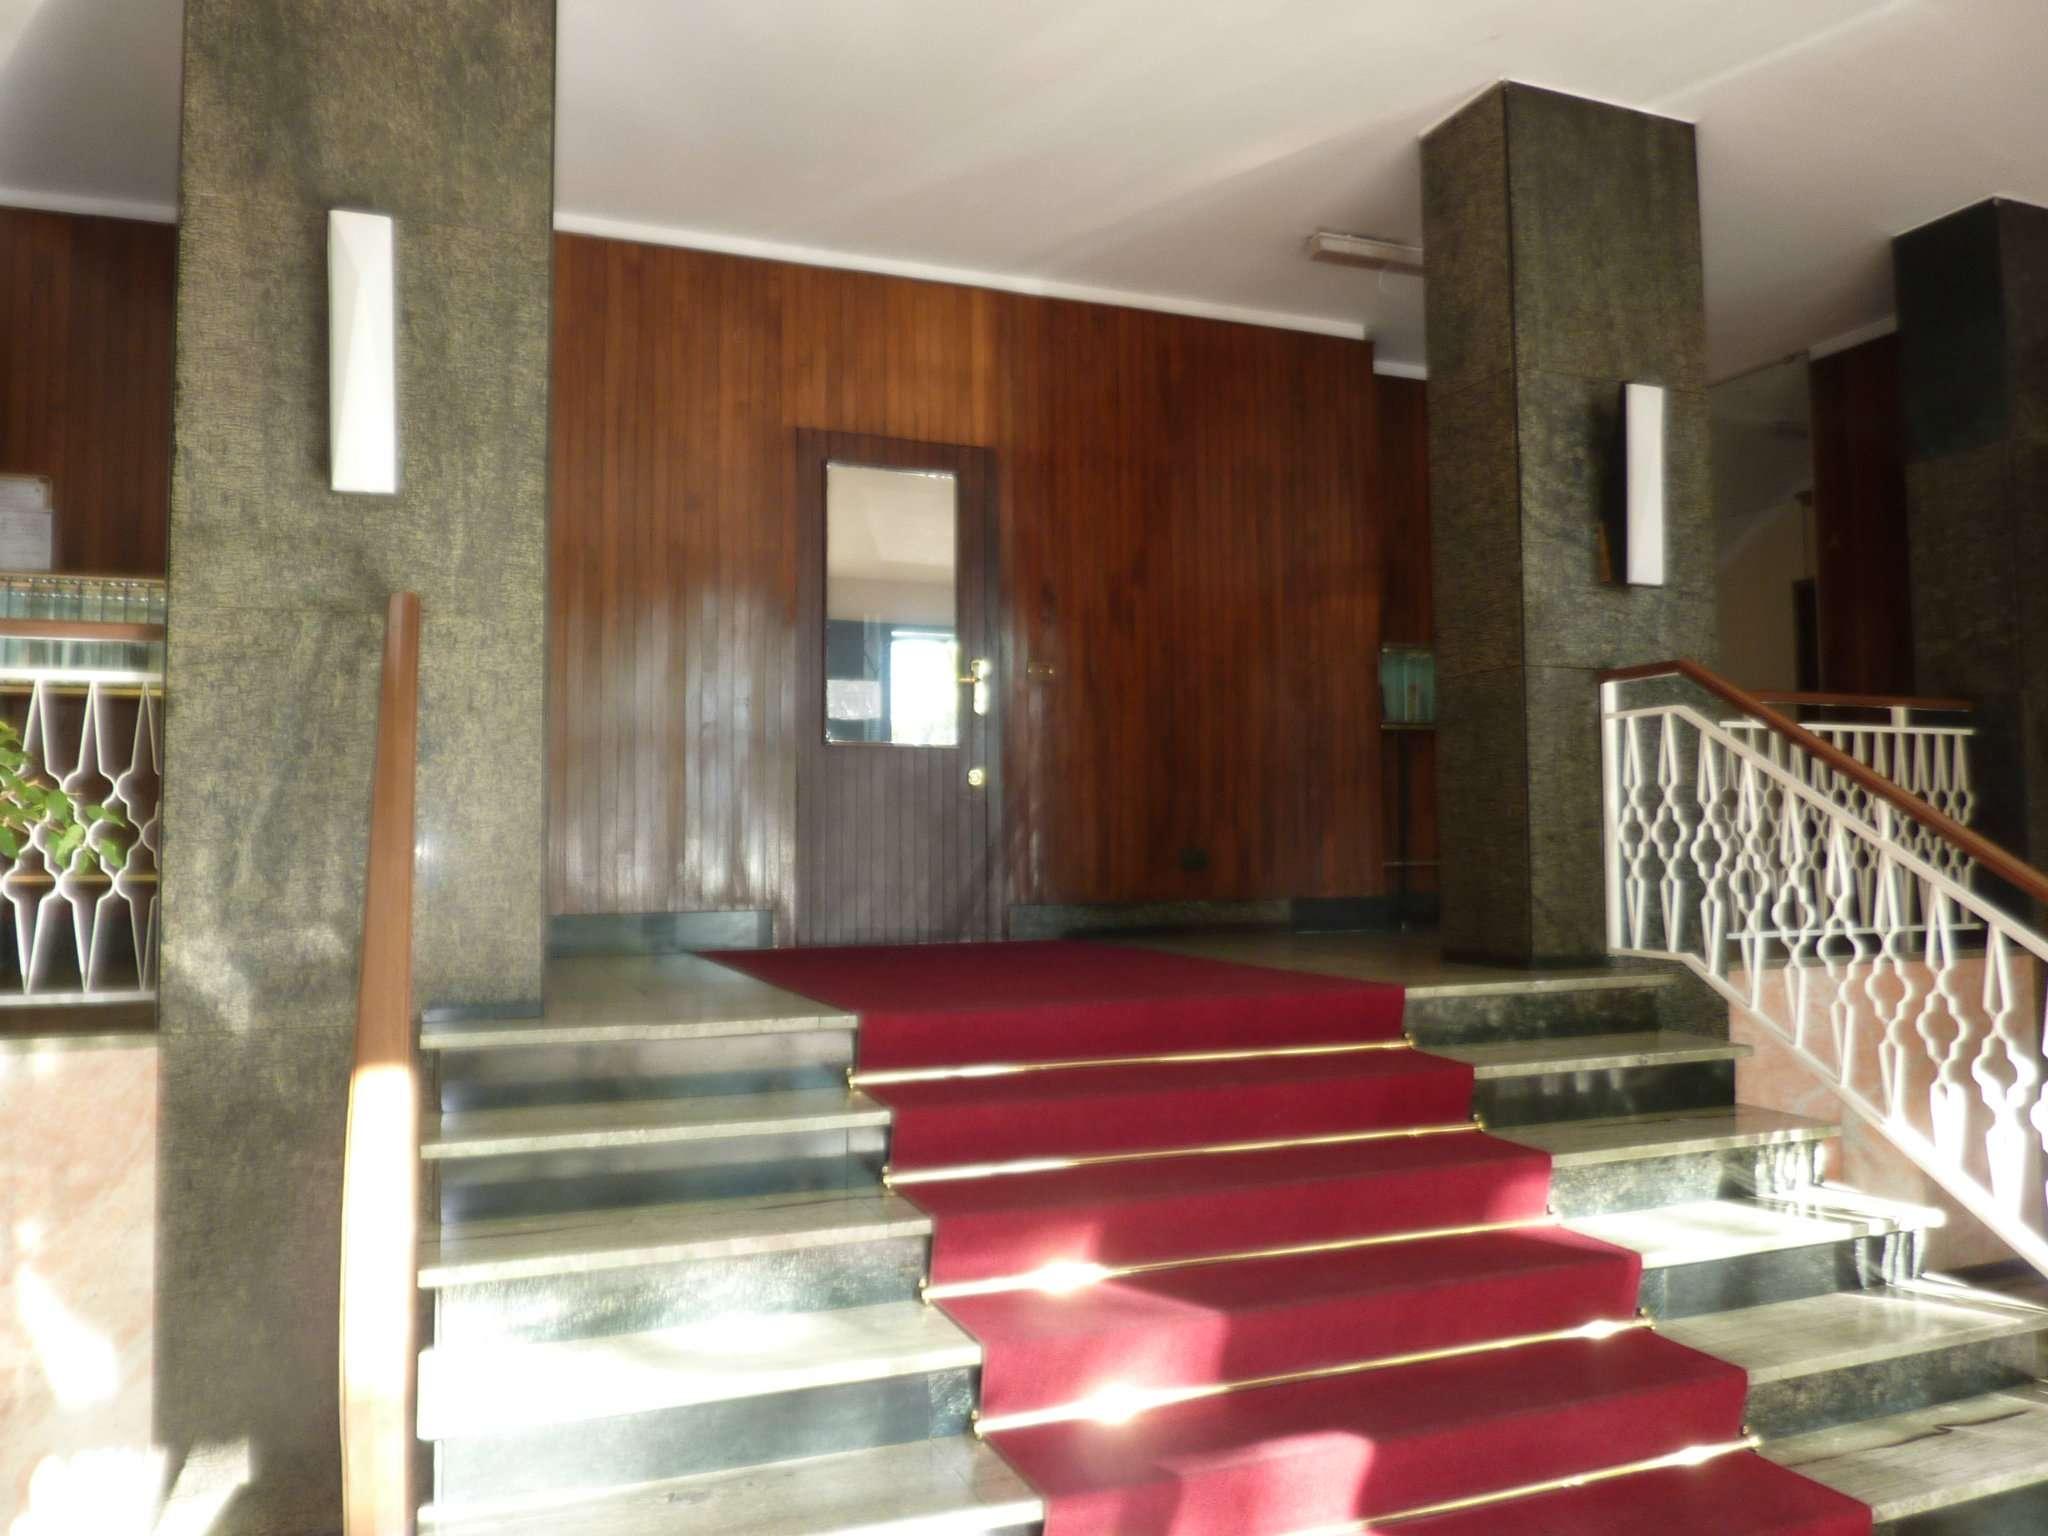 Attico / Mansarda in vendita a Torino, 3 locali, zona Zona: 15 . Pozzo Strada, Parella, prezzo € 200.000 | Cambio Casa.it